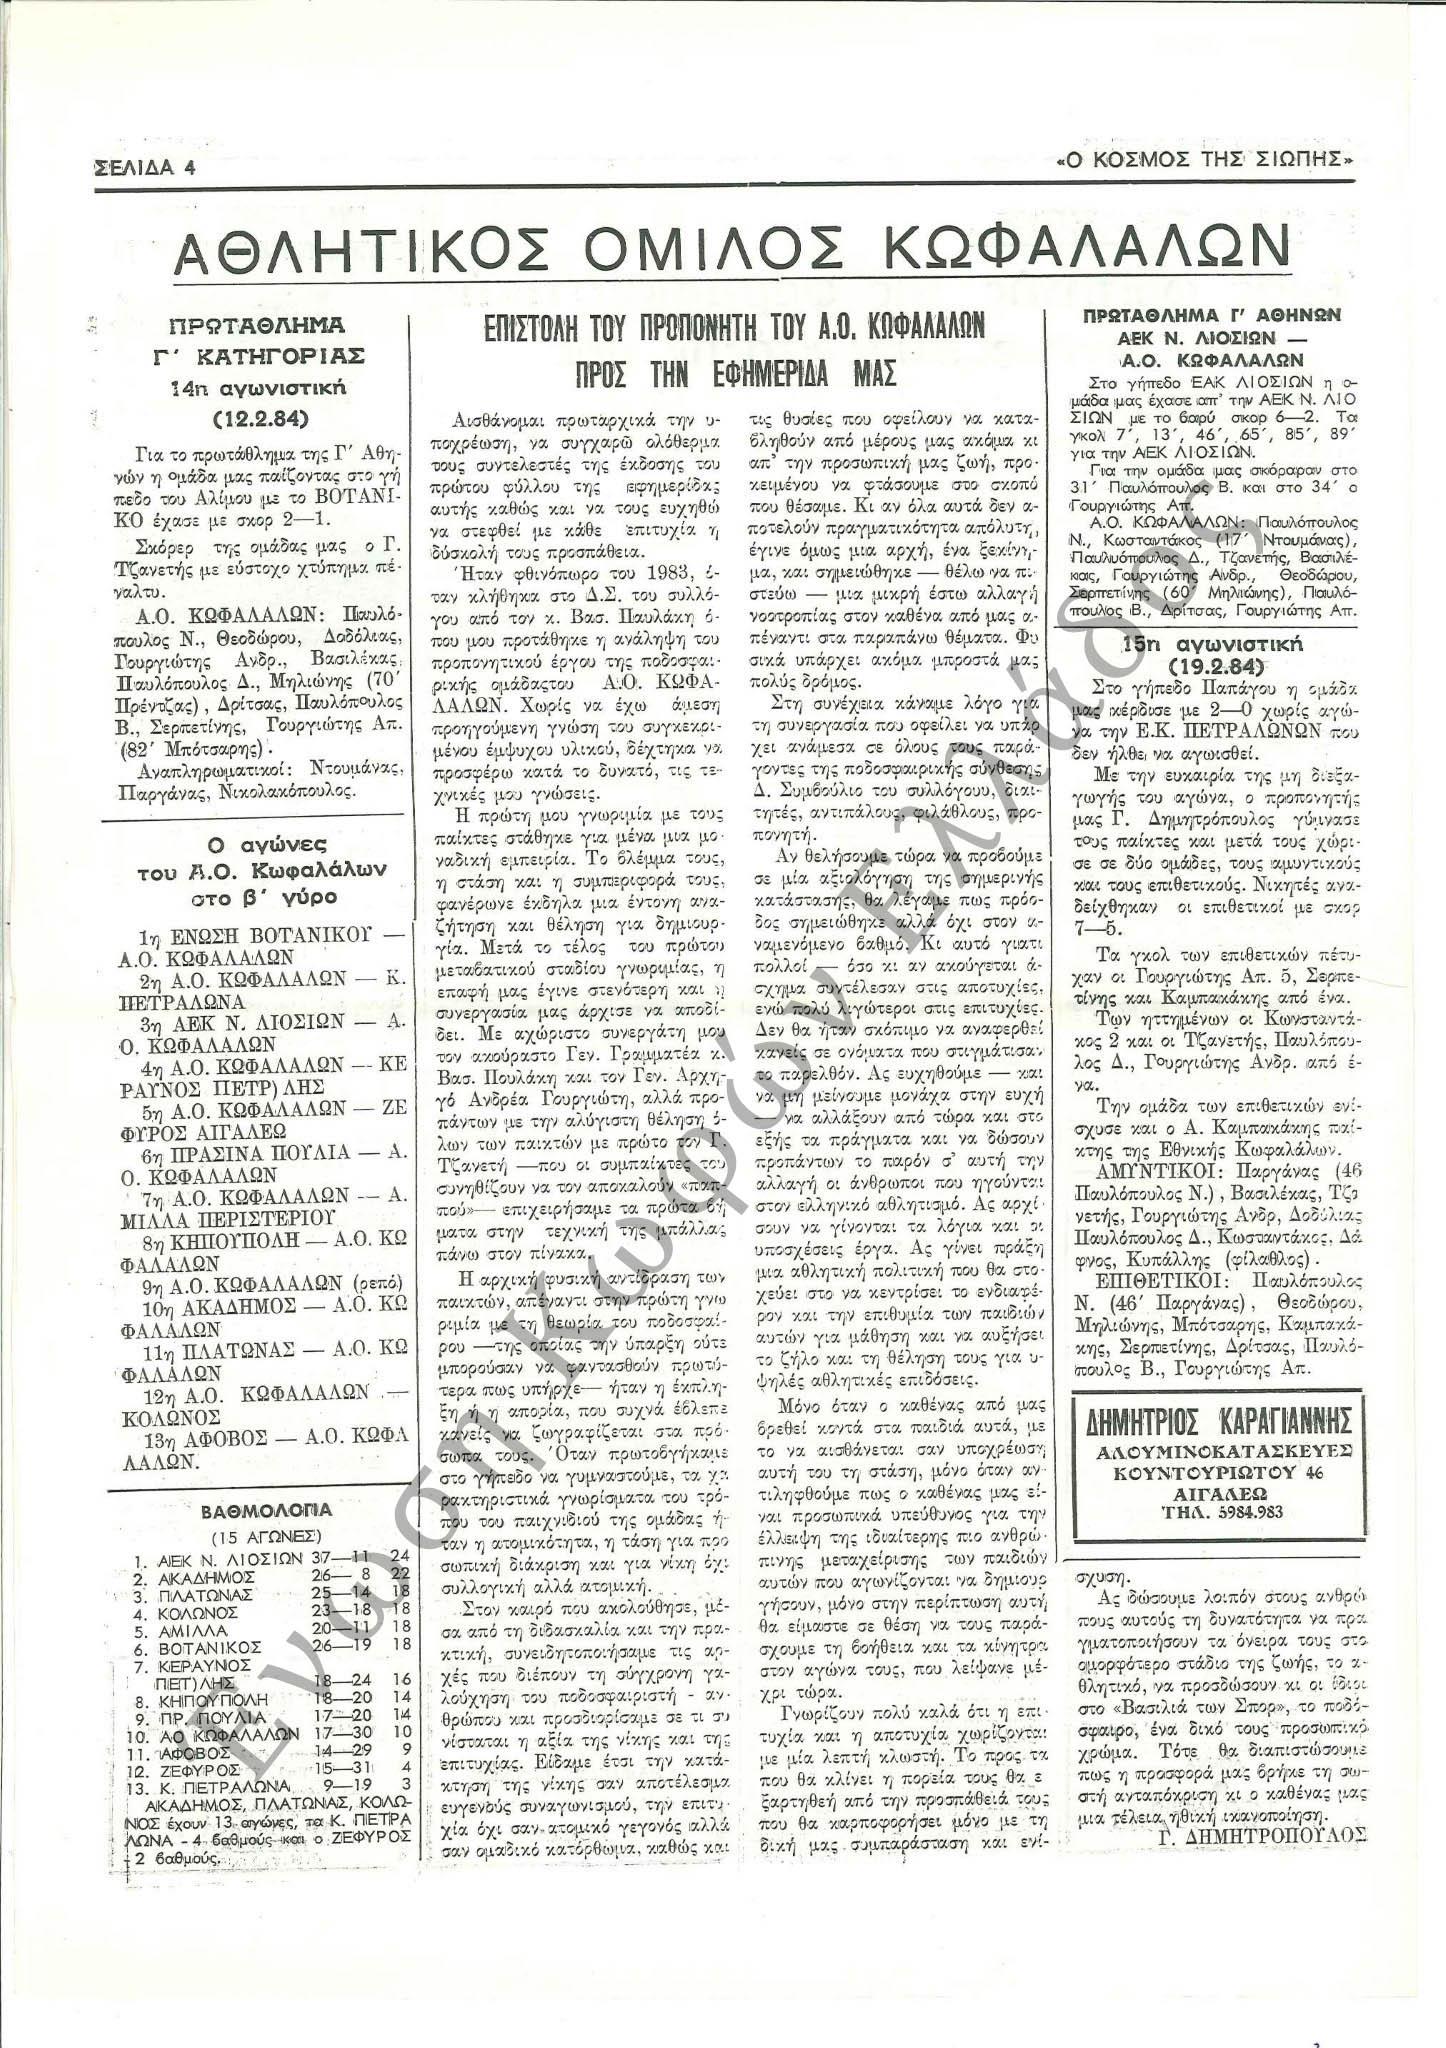 Ο Κόσμος της Σιωπής 1984-Μάρτιος 4